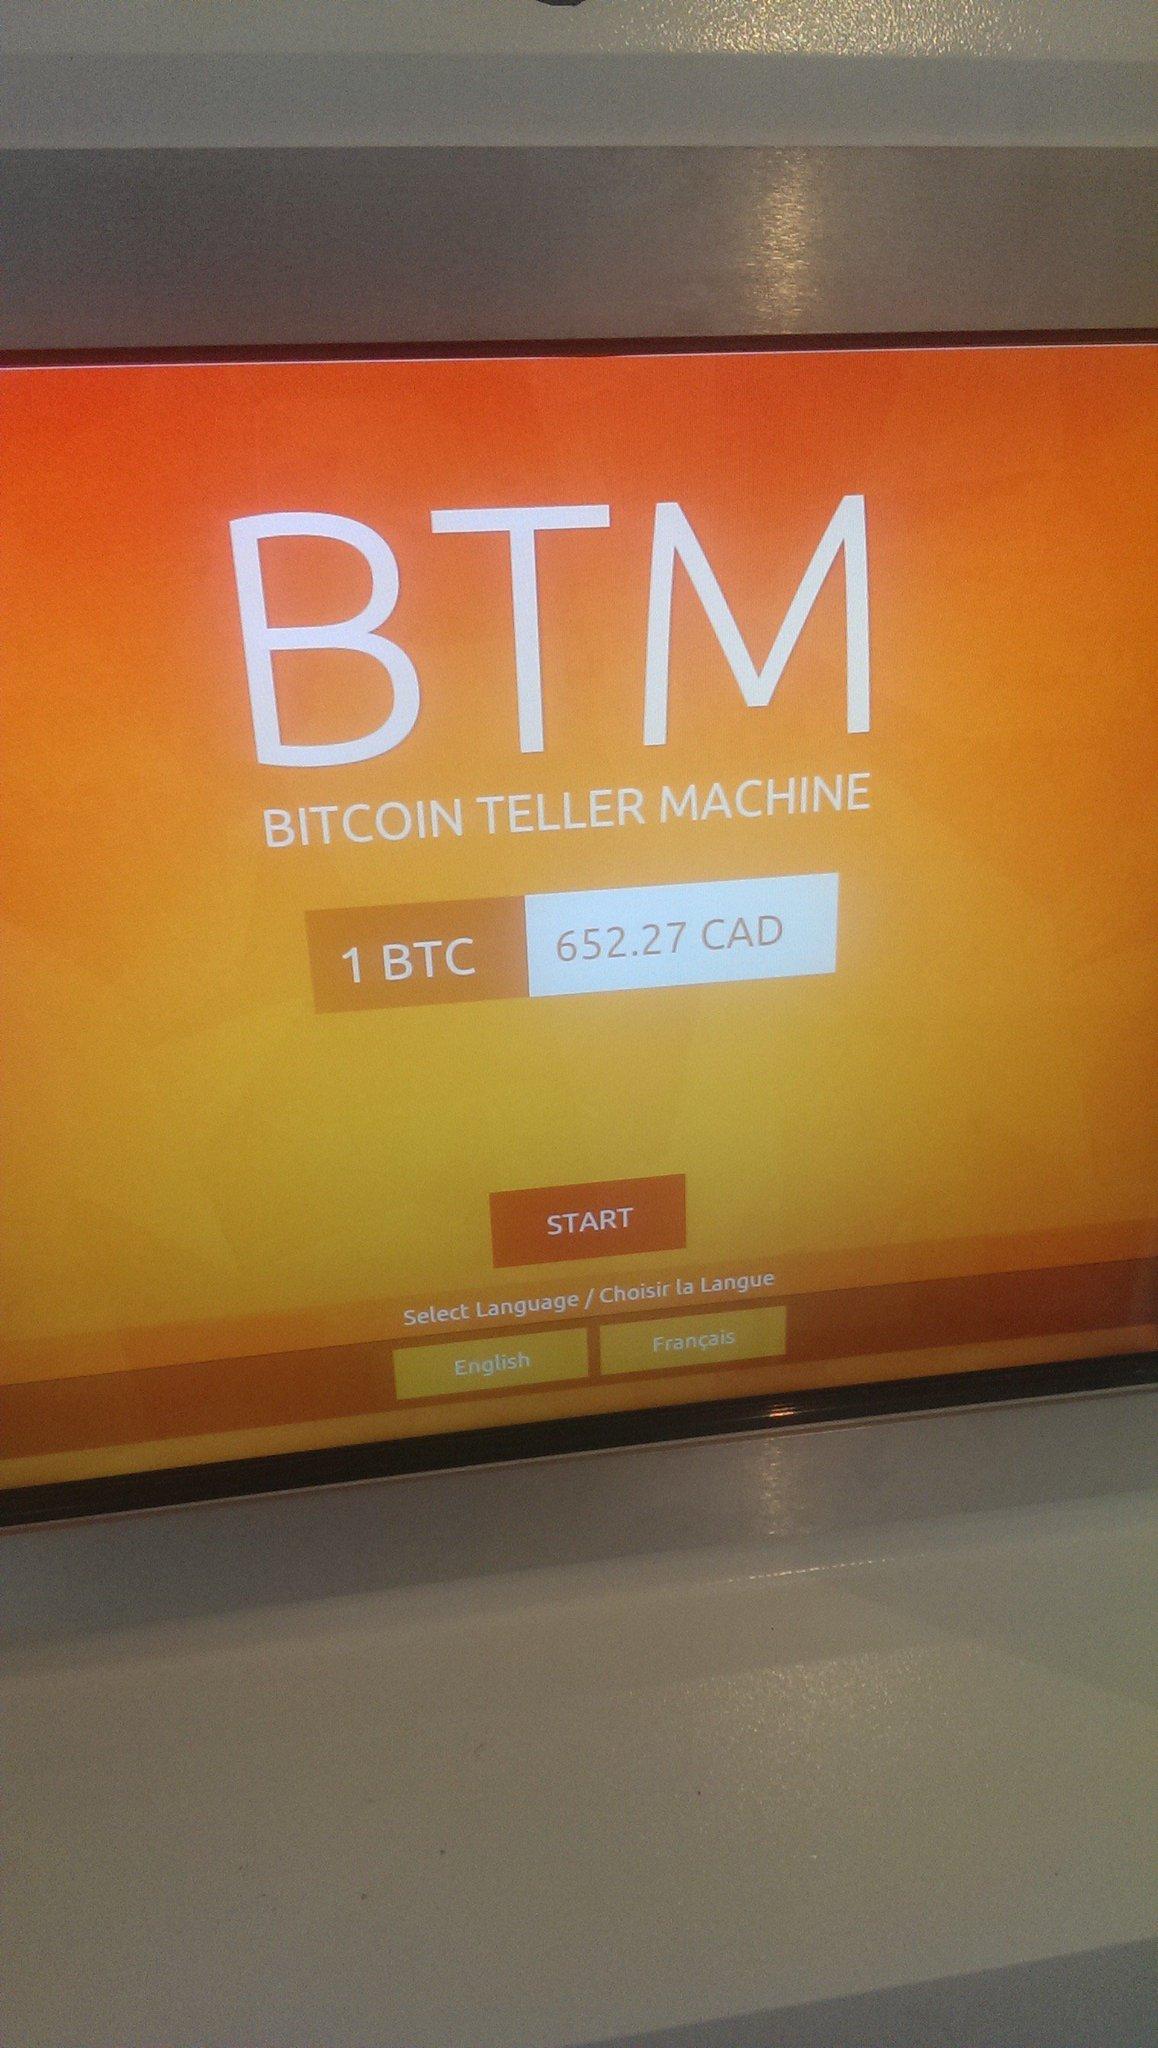 bitcoin la cad adresa btc înseamnă